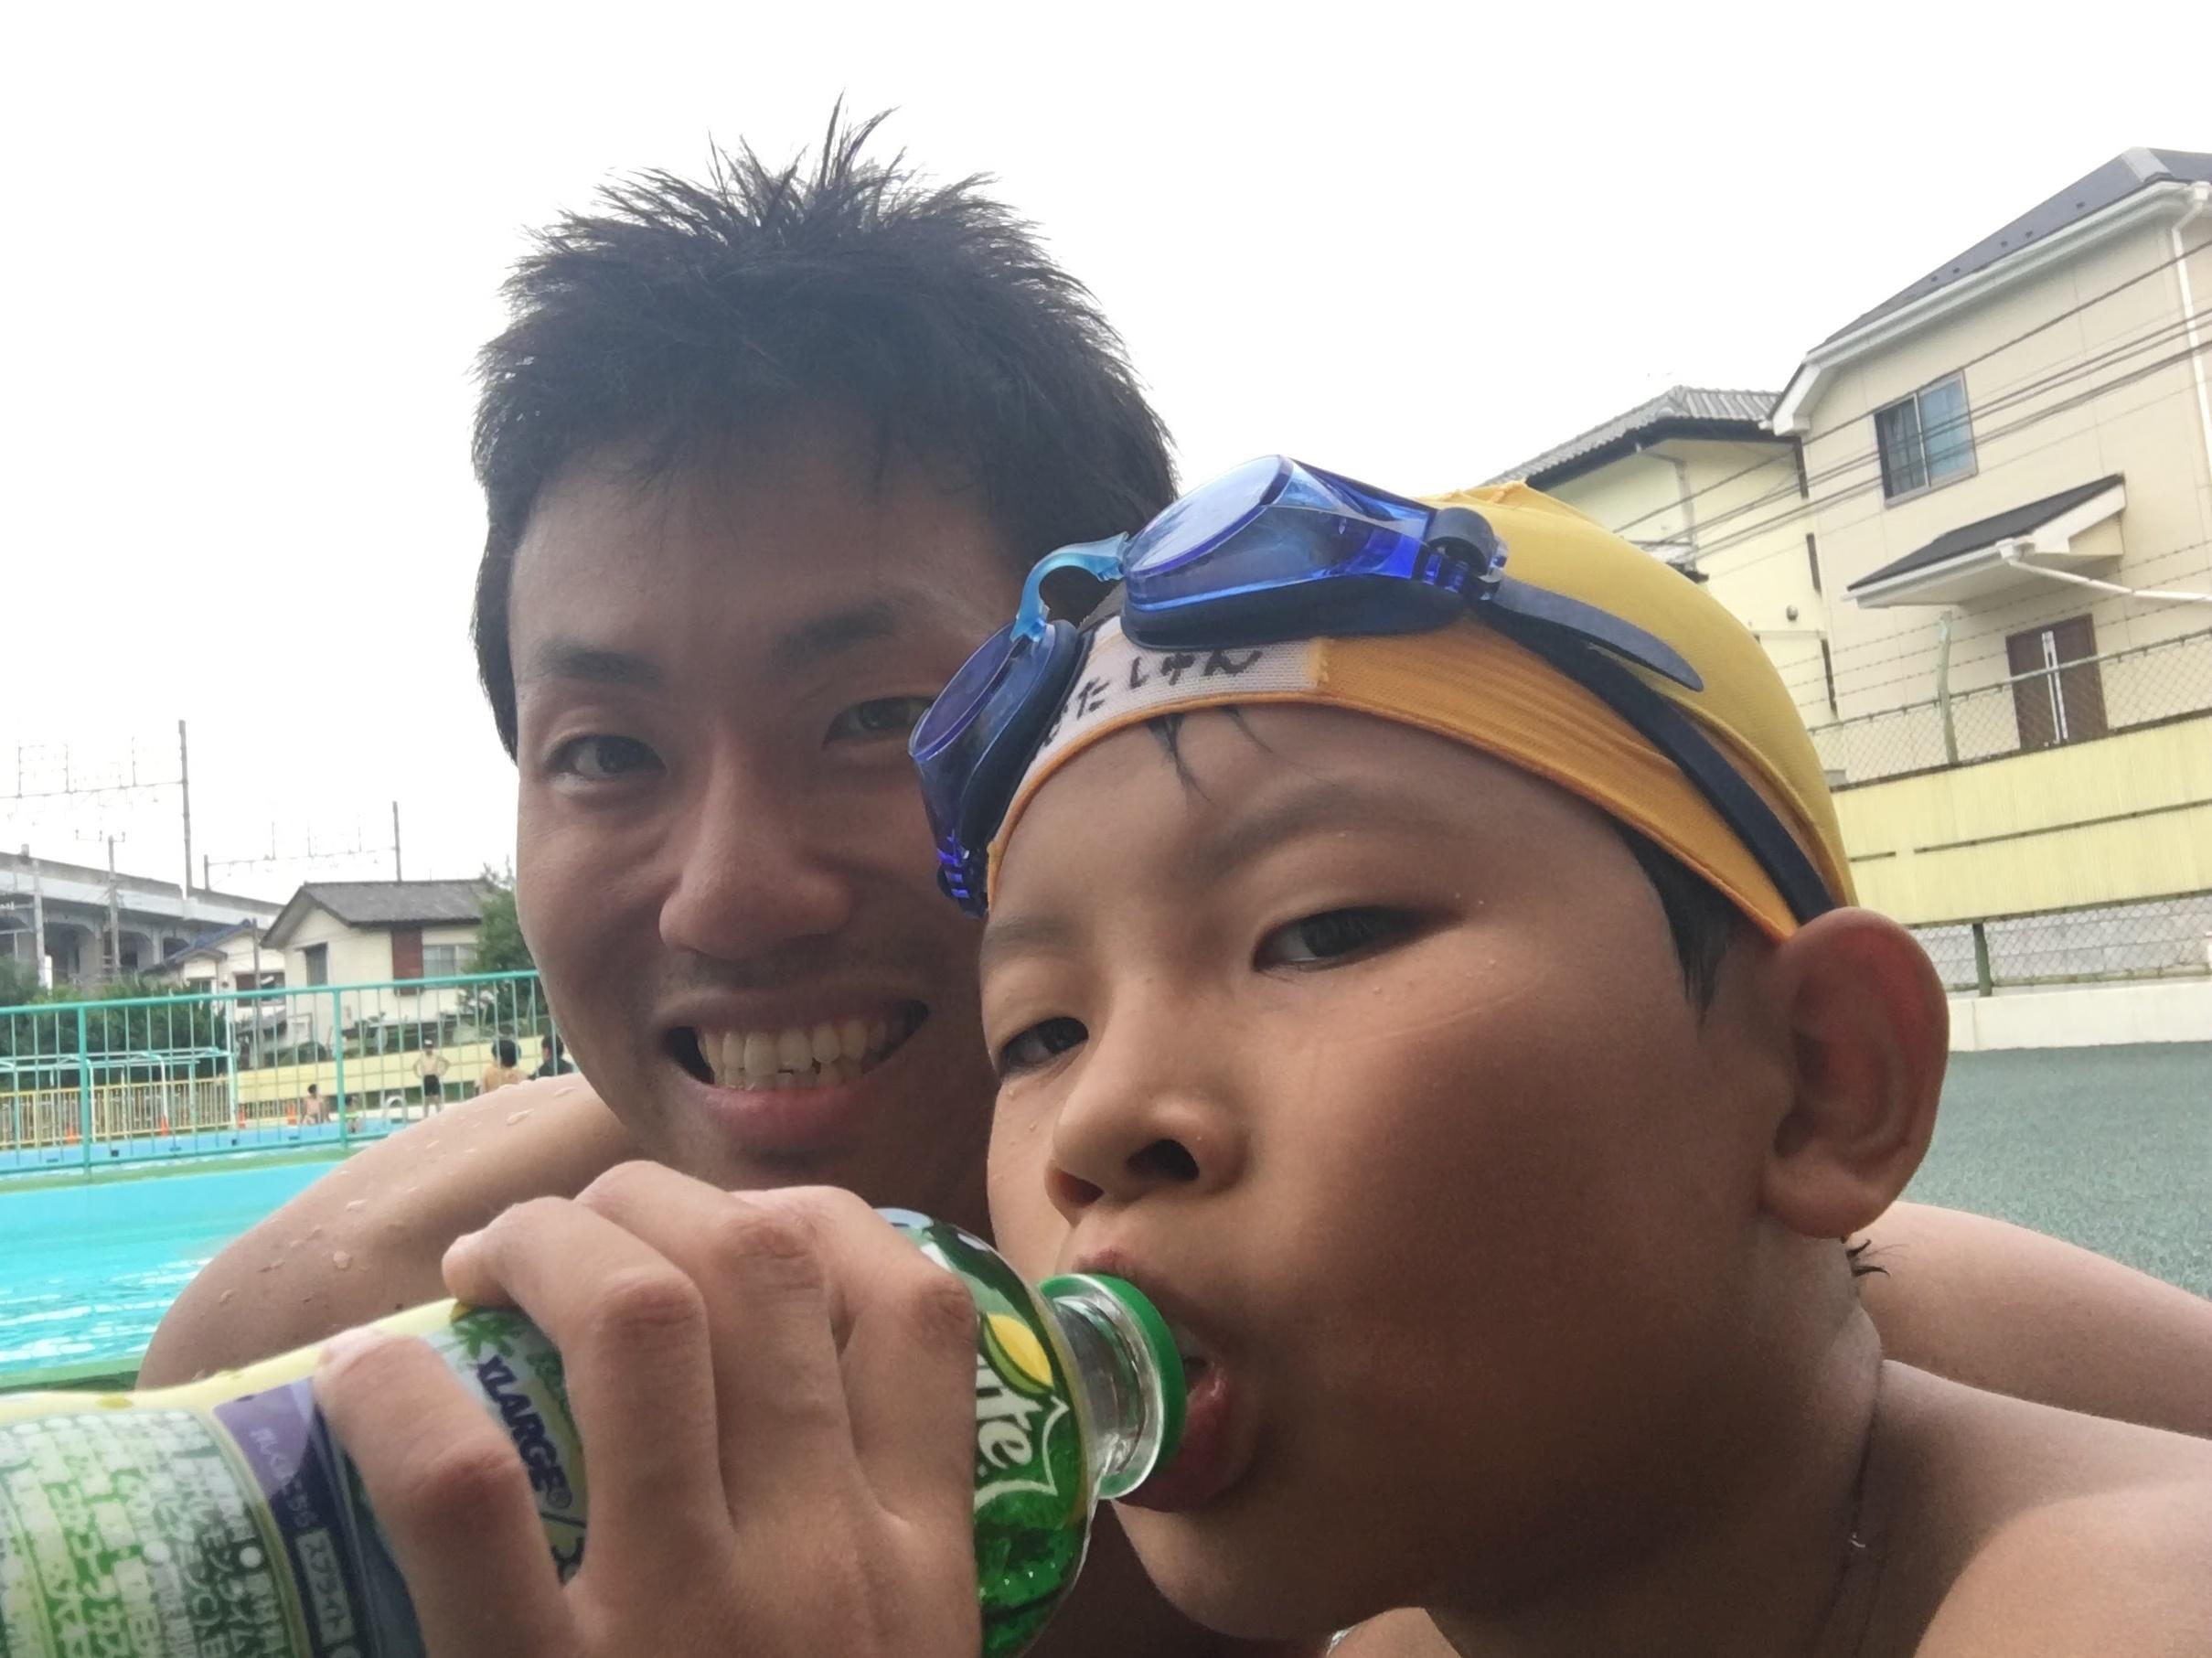 清瀬下宿市民プール | ウォータースライダー付で飲食持ち込み自由、コスパ良すぎな穴場スポットで夏満喫!